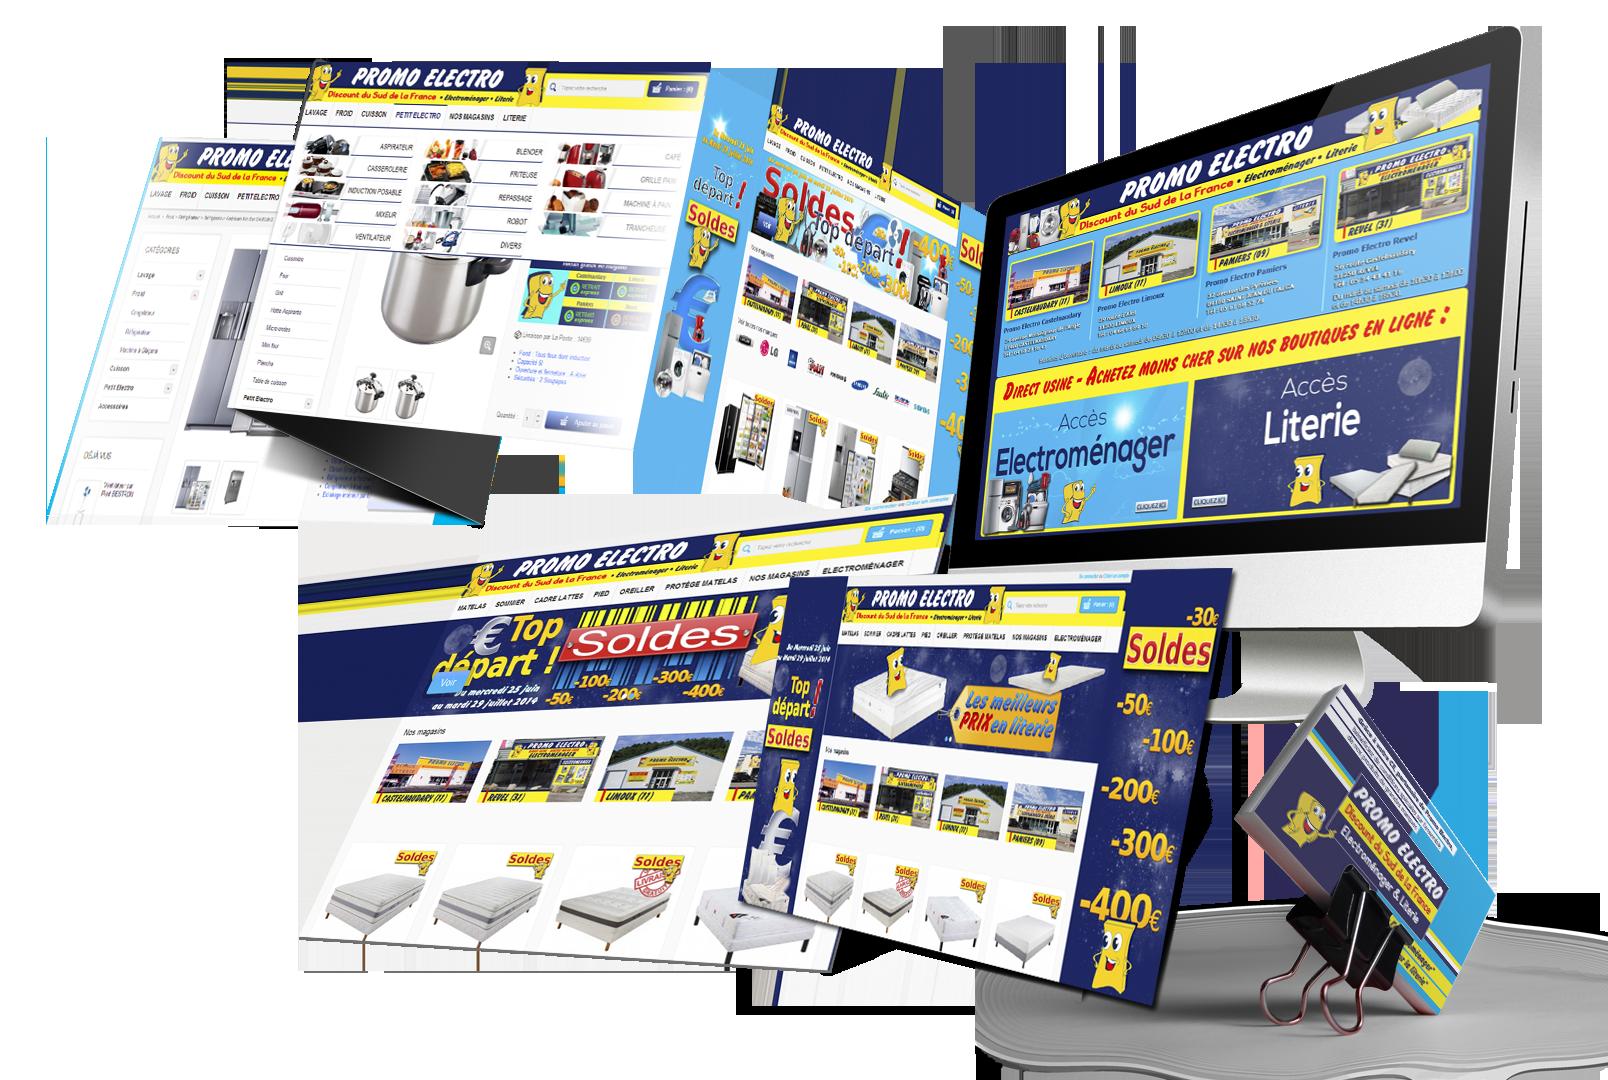 code promo f0c1a 245ab Promo Electro Discount du Sud de la France en électroménager ...